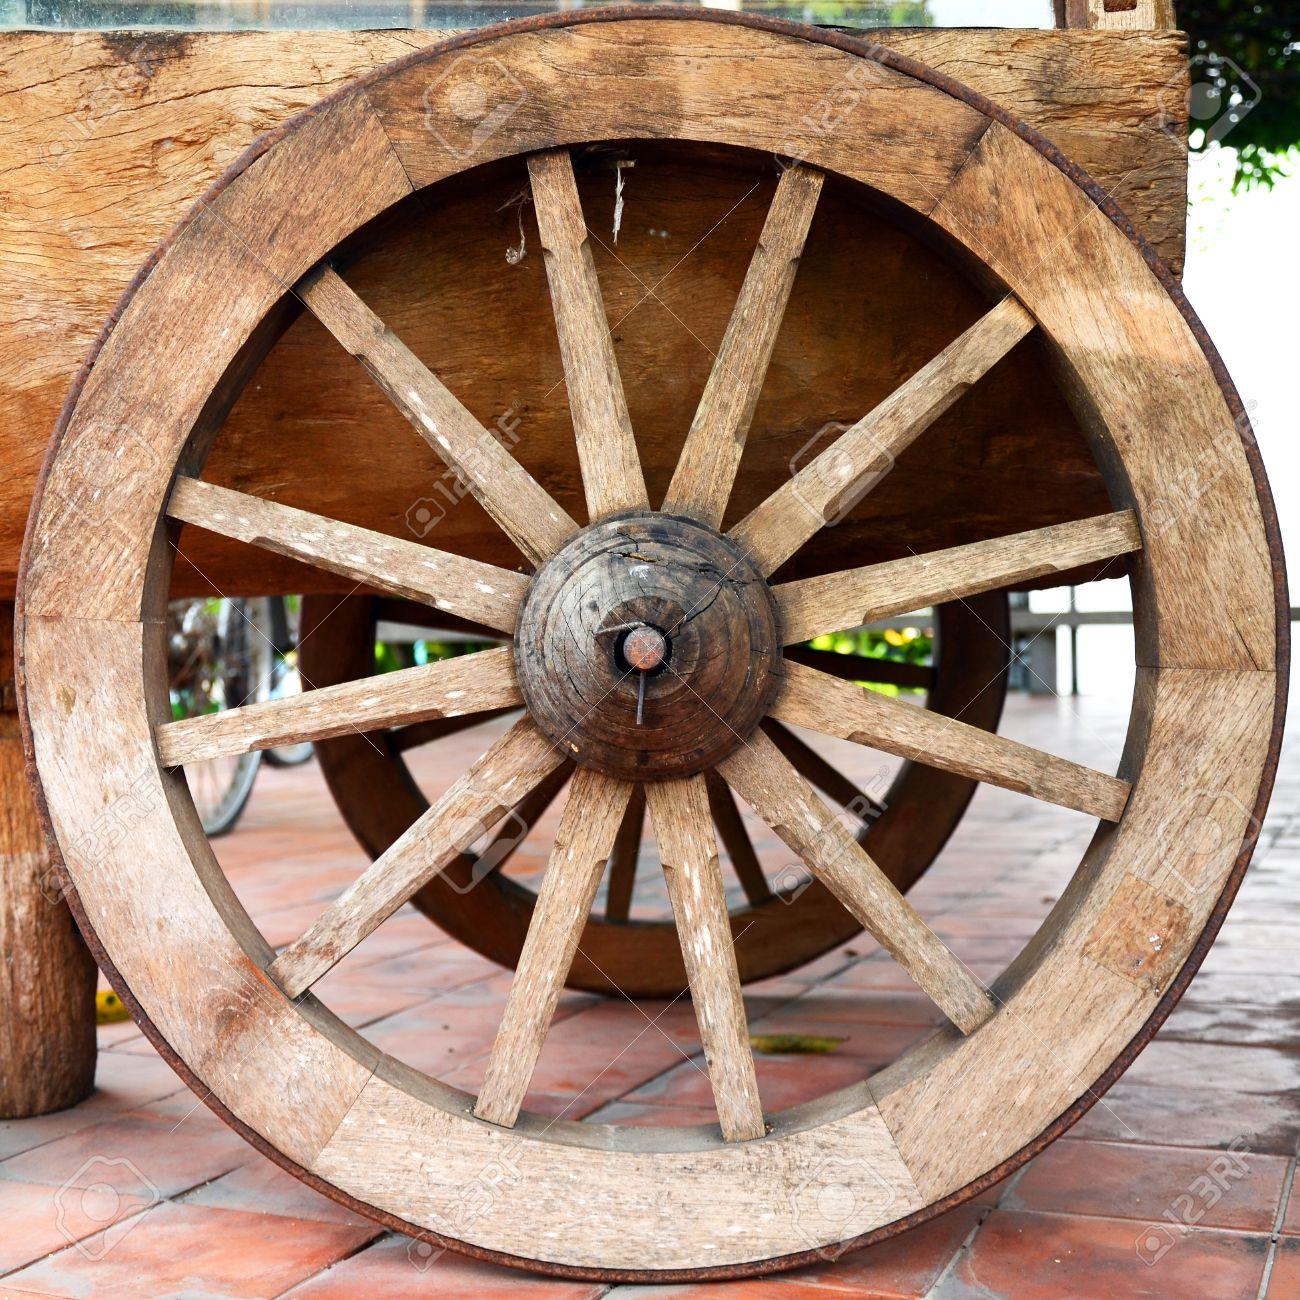 [Image: 24168526-old-wooden-cartwheel.jpg]